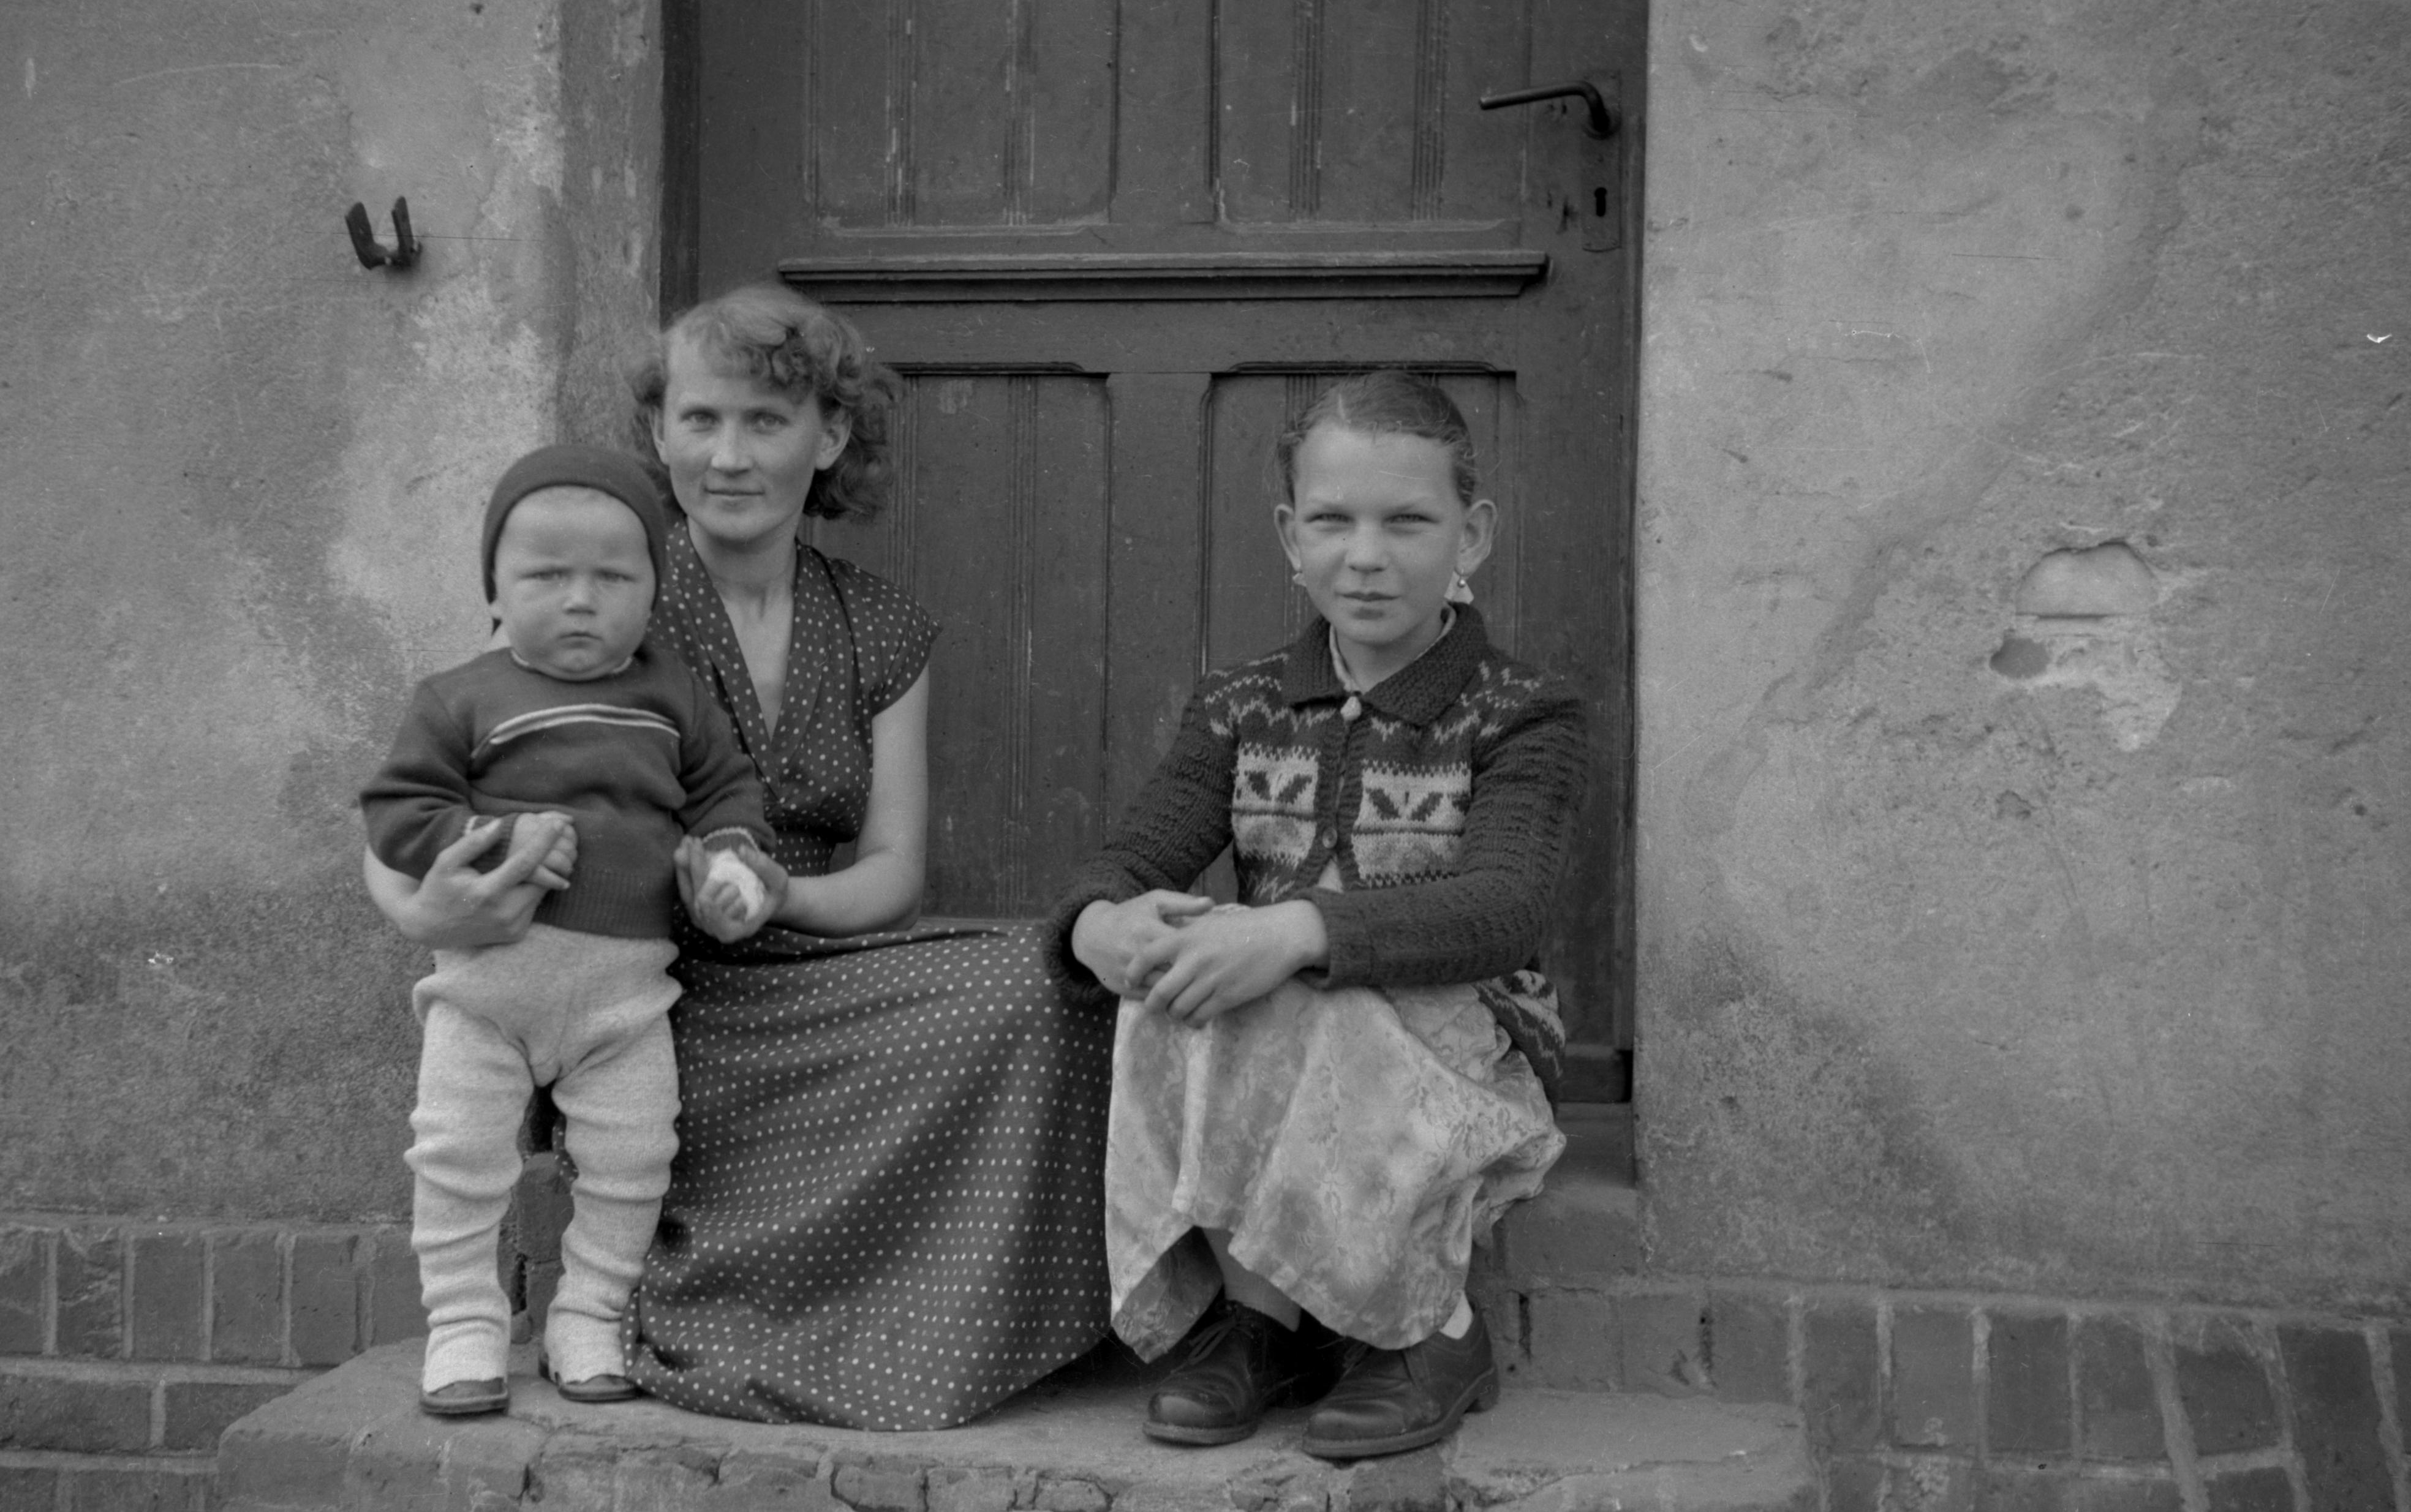 Kobieta z dziećmi w progu, Dolny Śląsk, 2. poł. XX w.